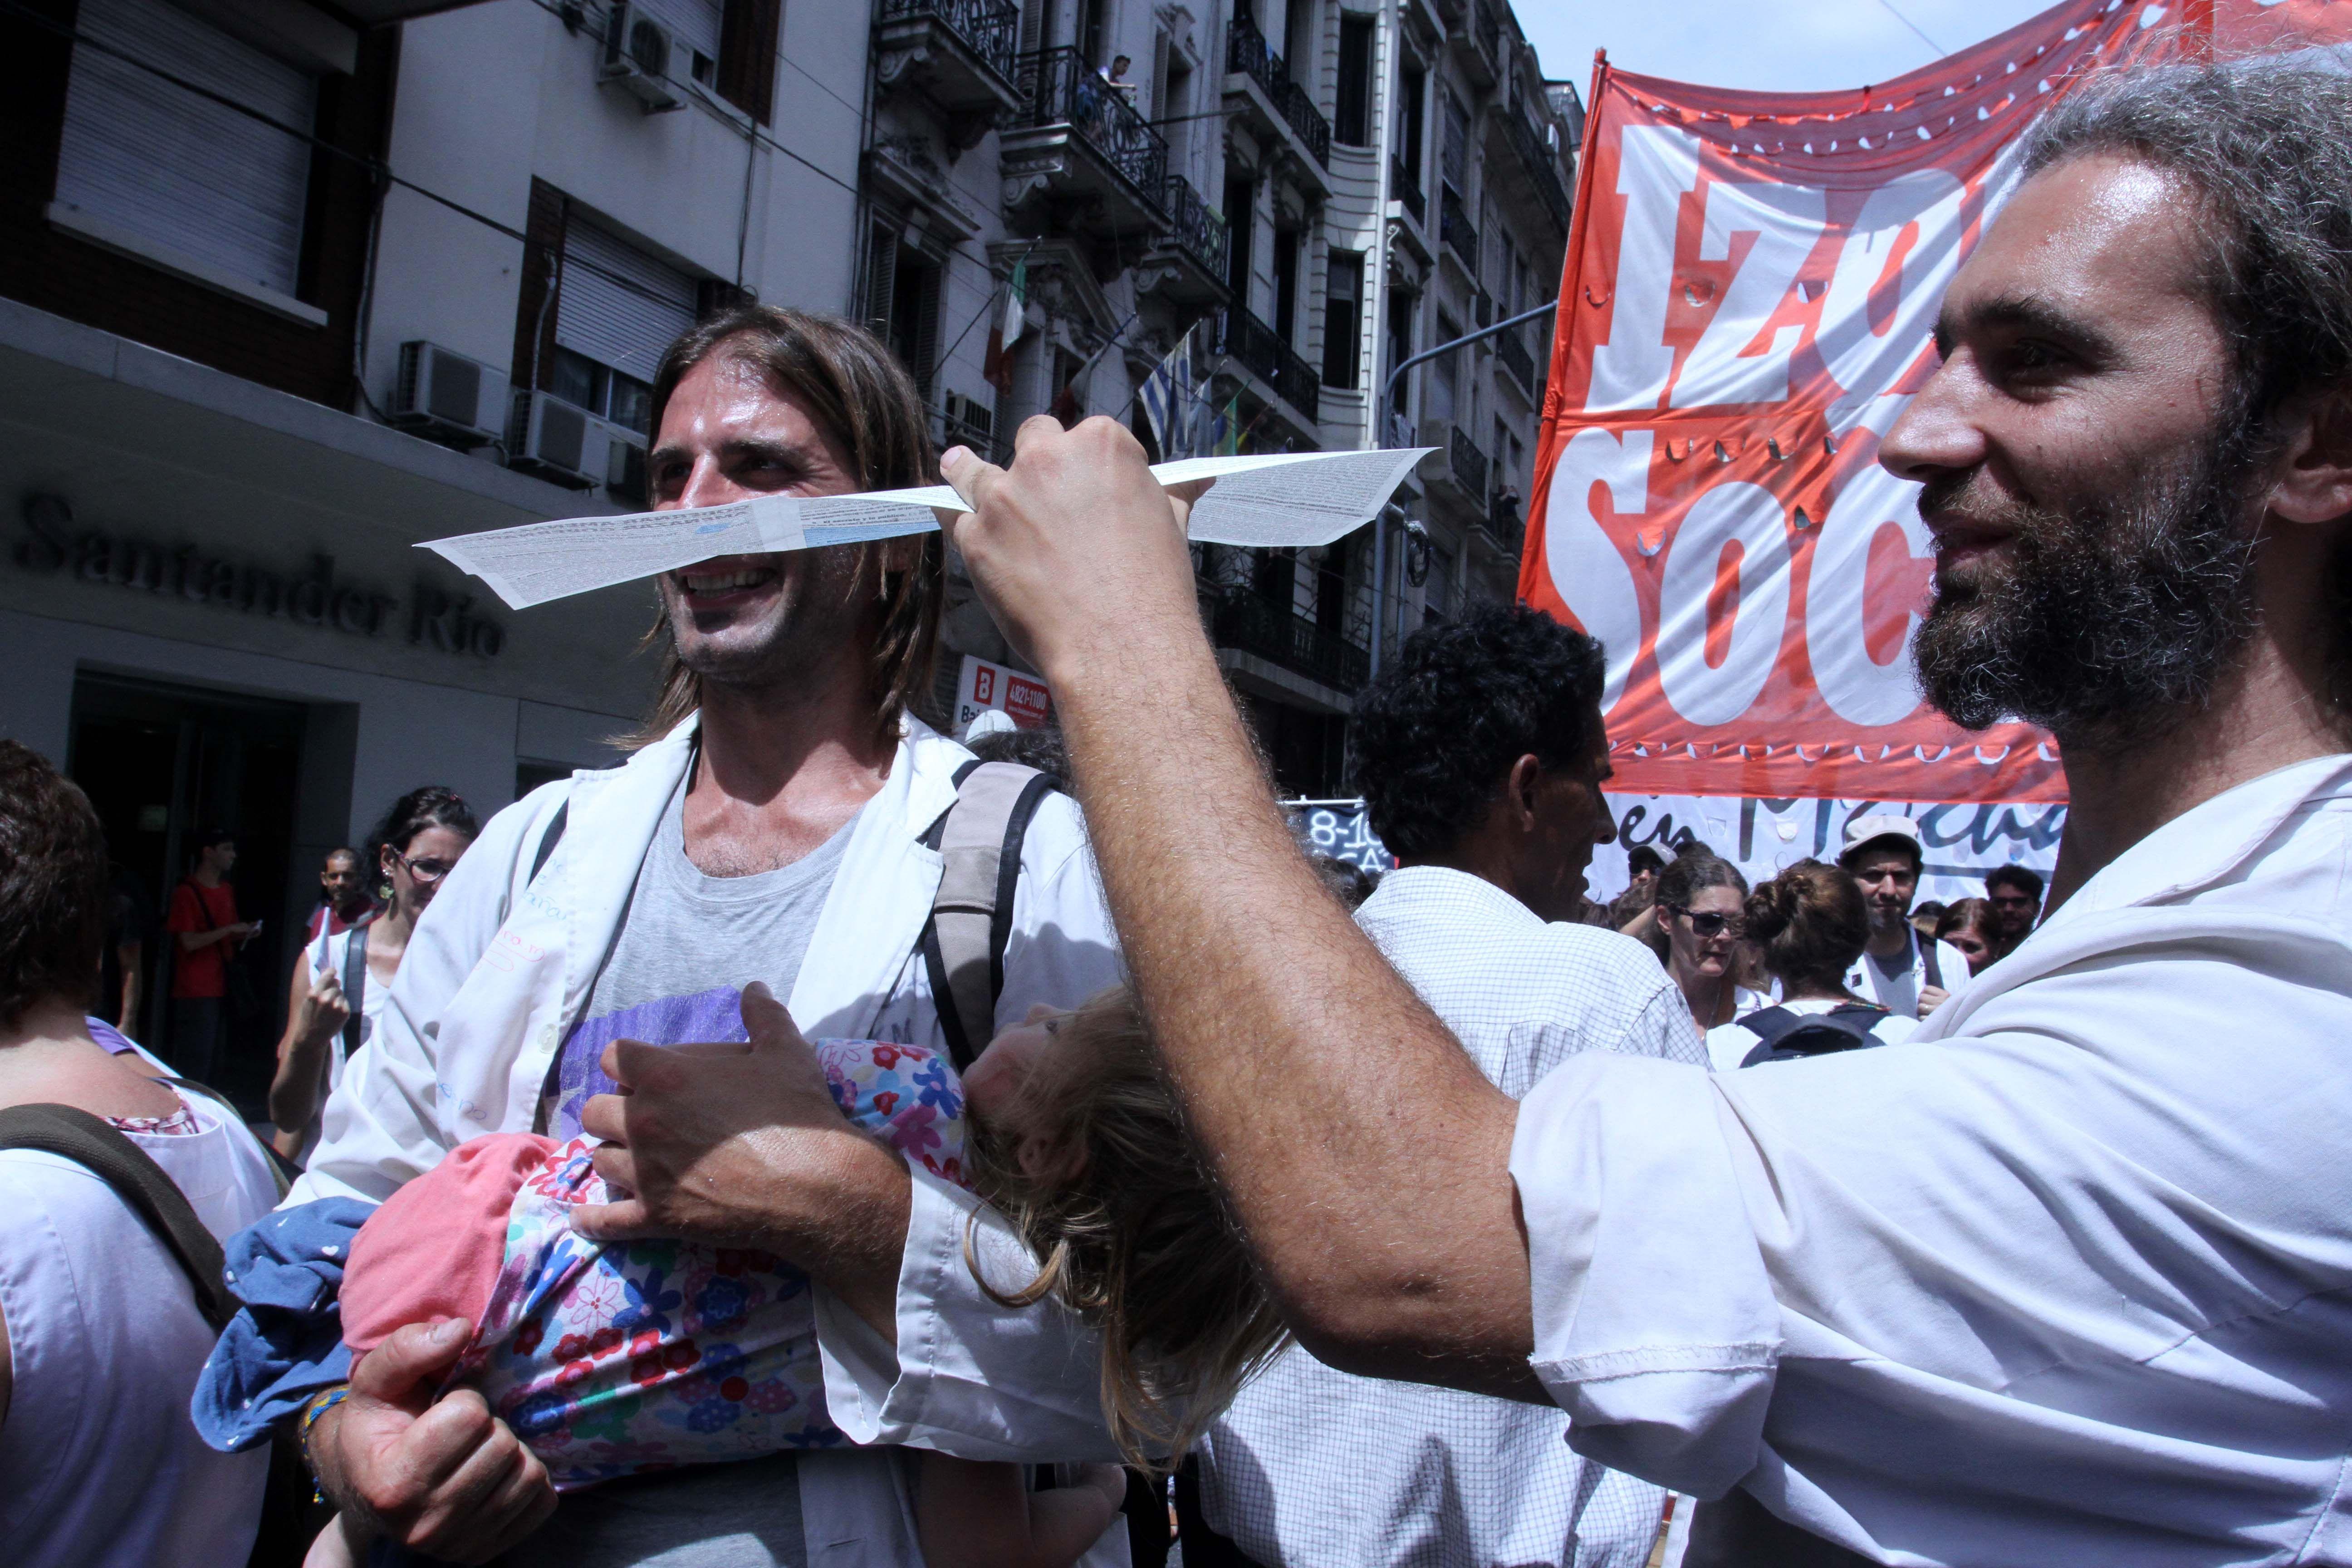 Las 20 cuadras de la multitudinaria marcha docente en 20 fotos